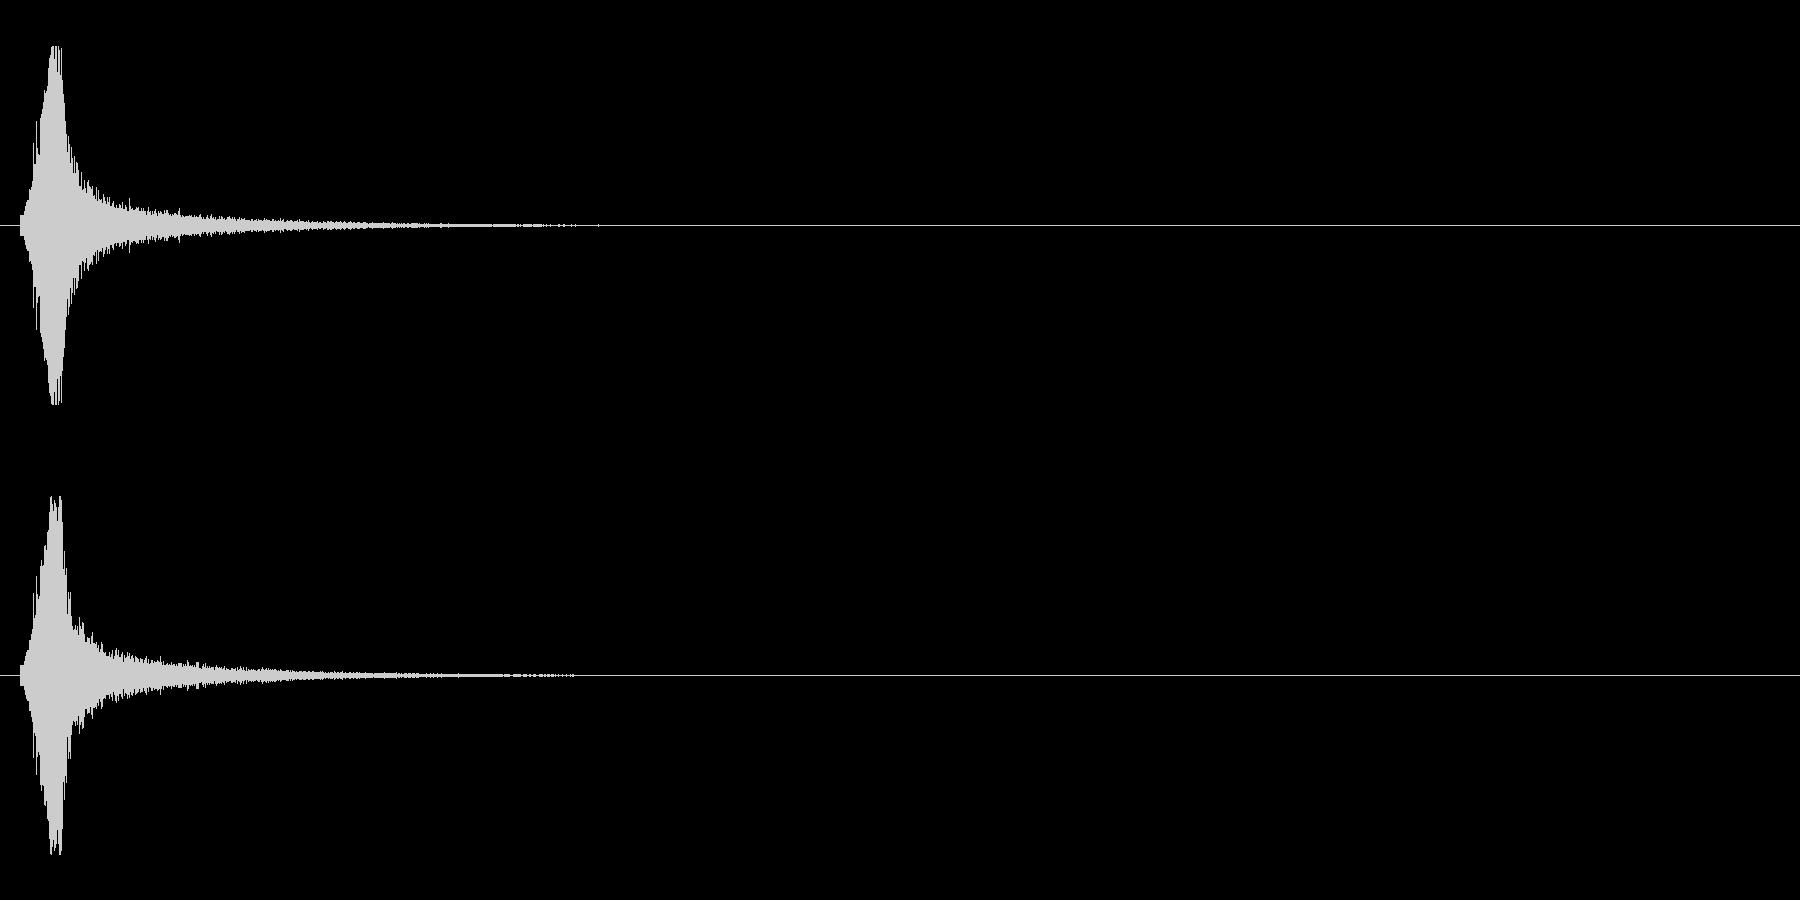 レーザー音-154-1の未再生の波形